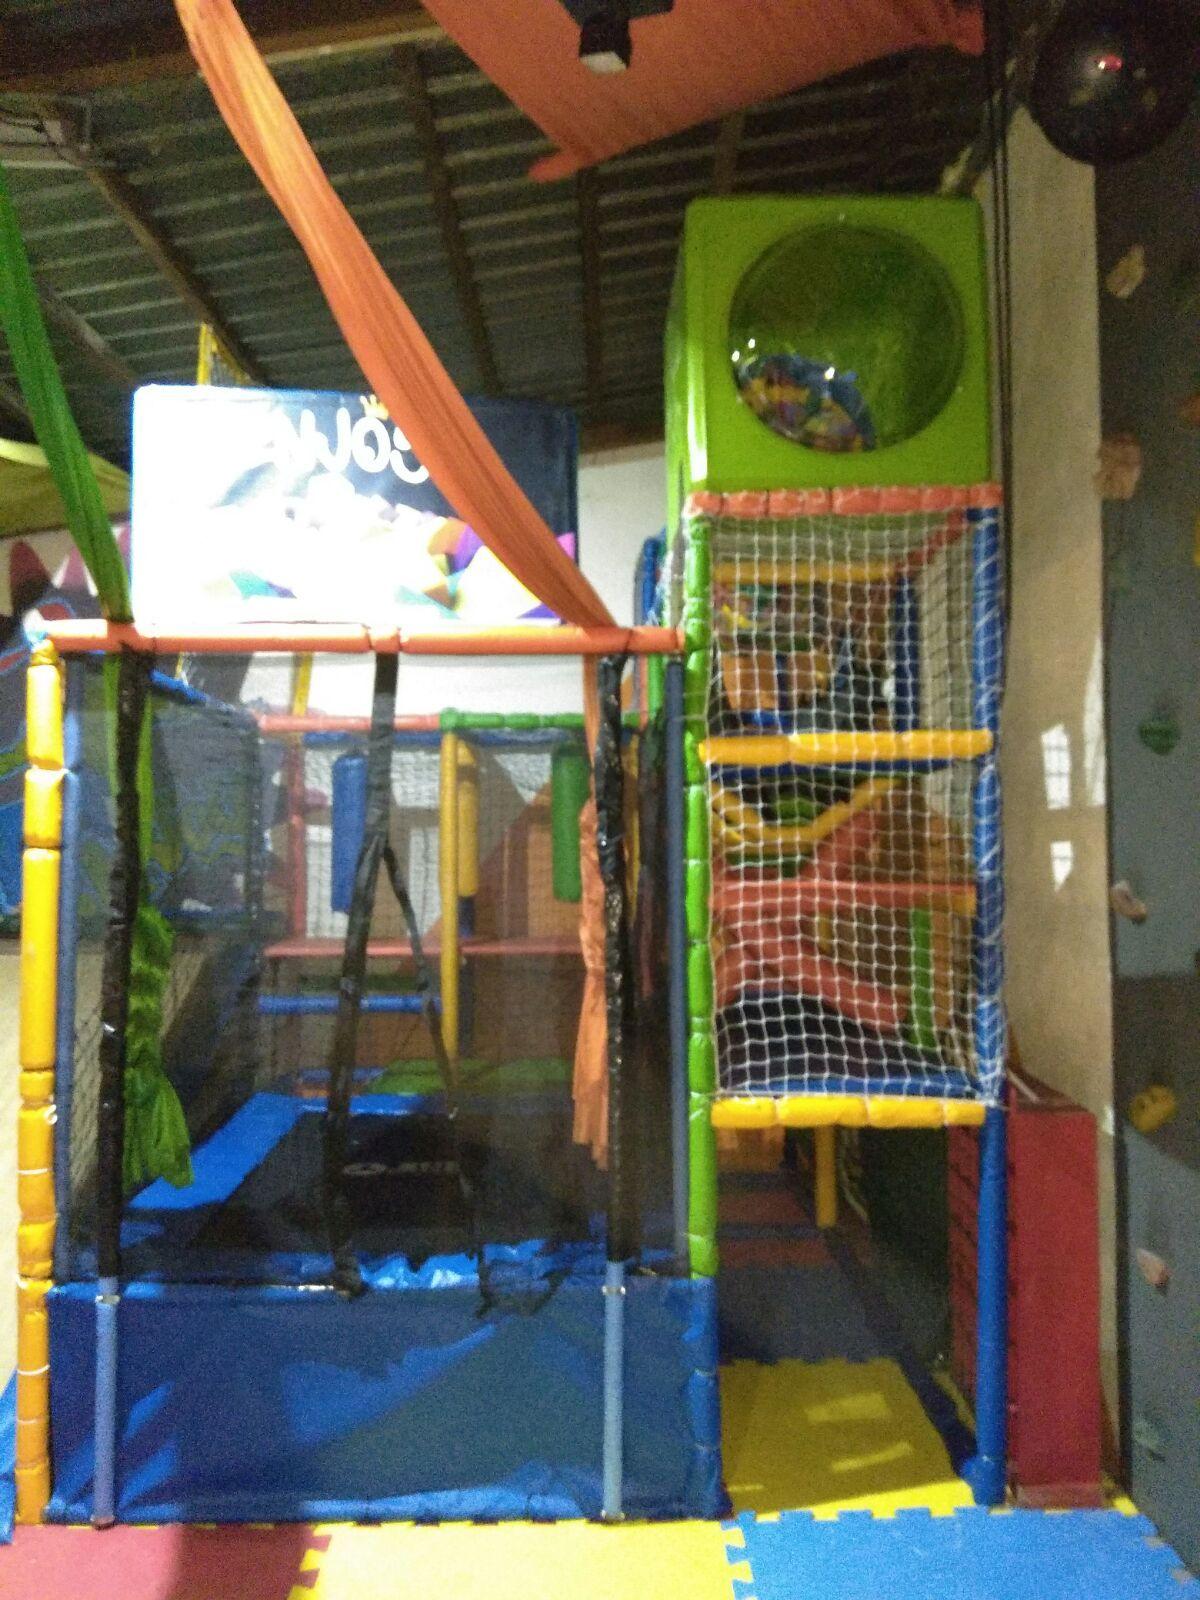 Pelotero Infantil Reforma De Pelotero Infantil Cama Elastica A  # Muebles Rotomoldeados